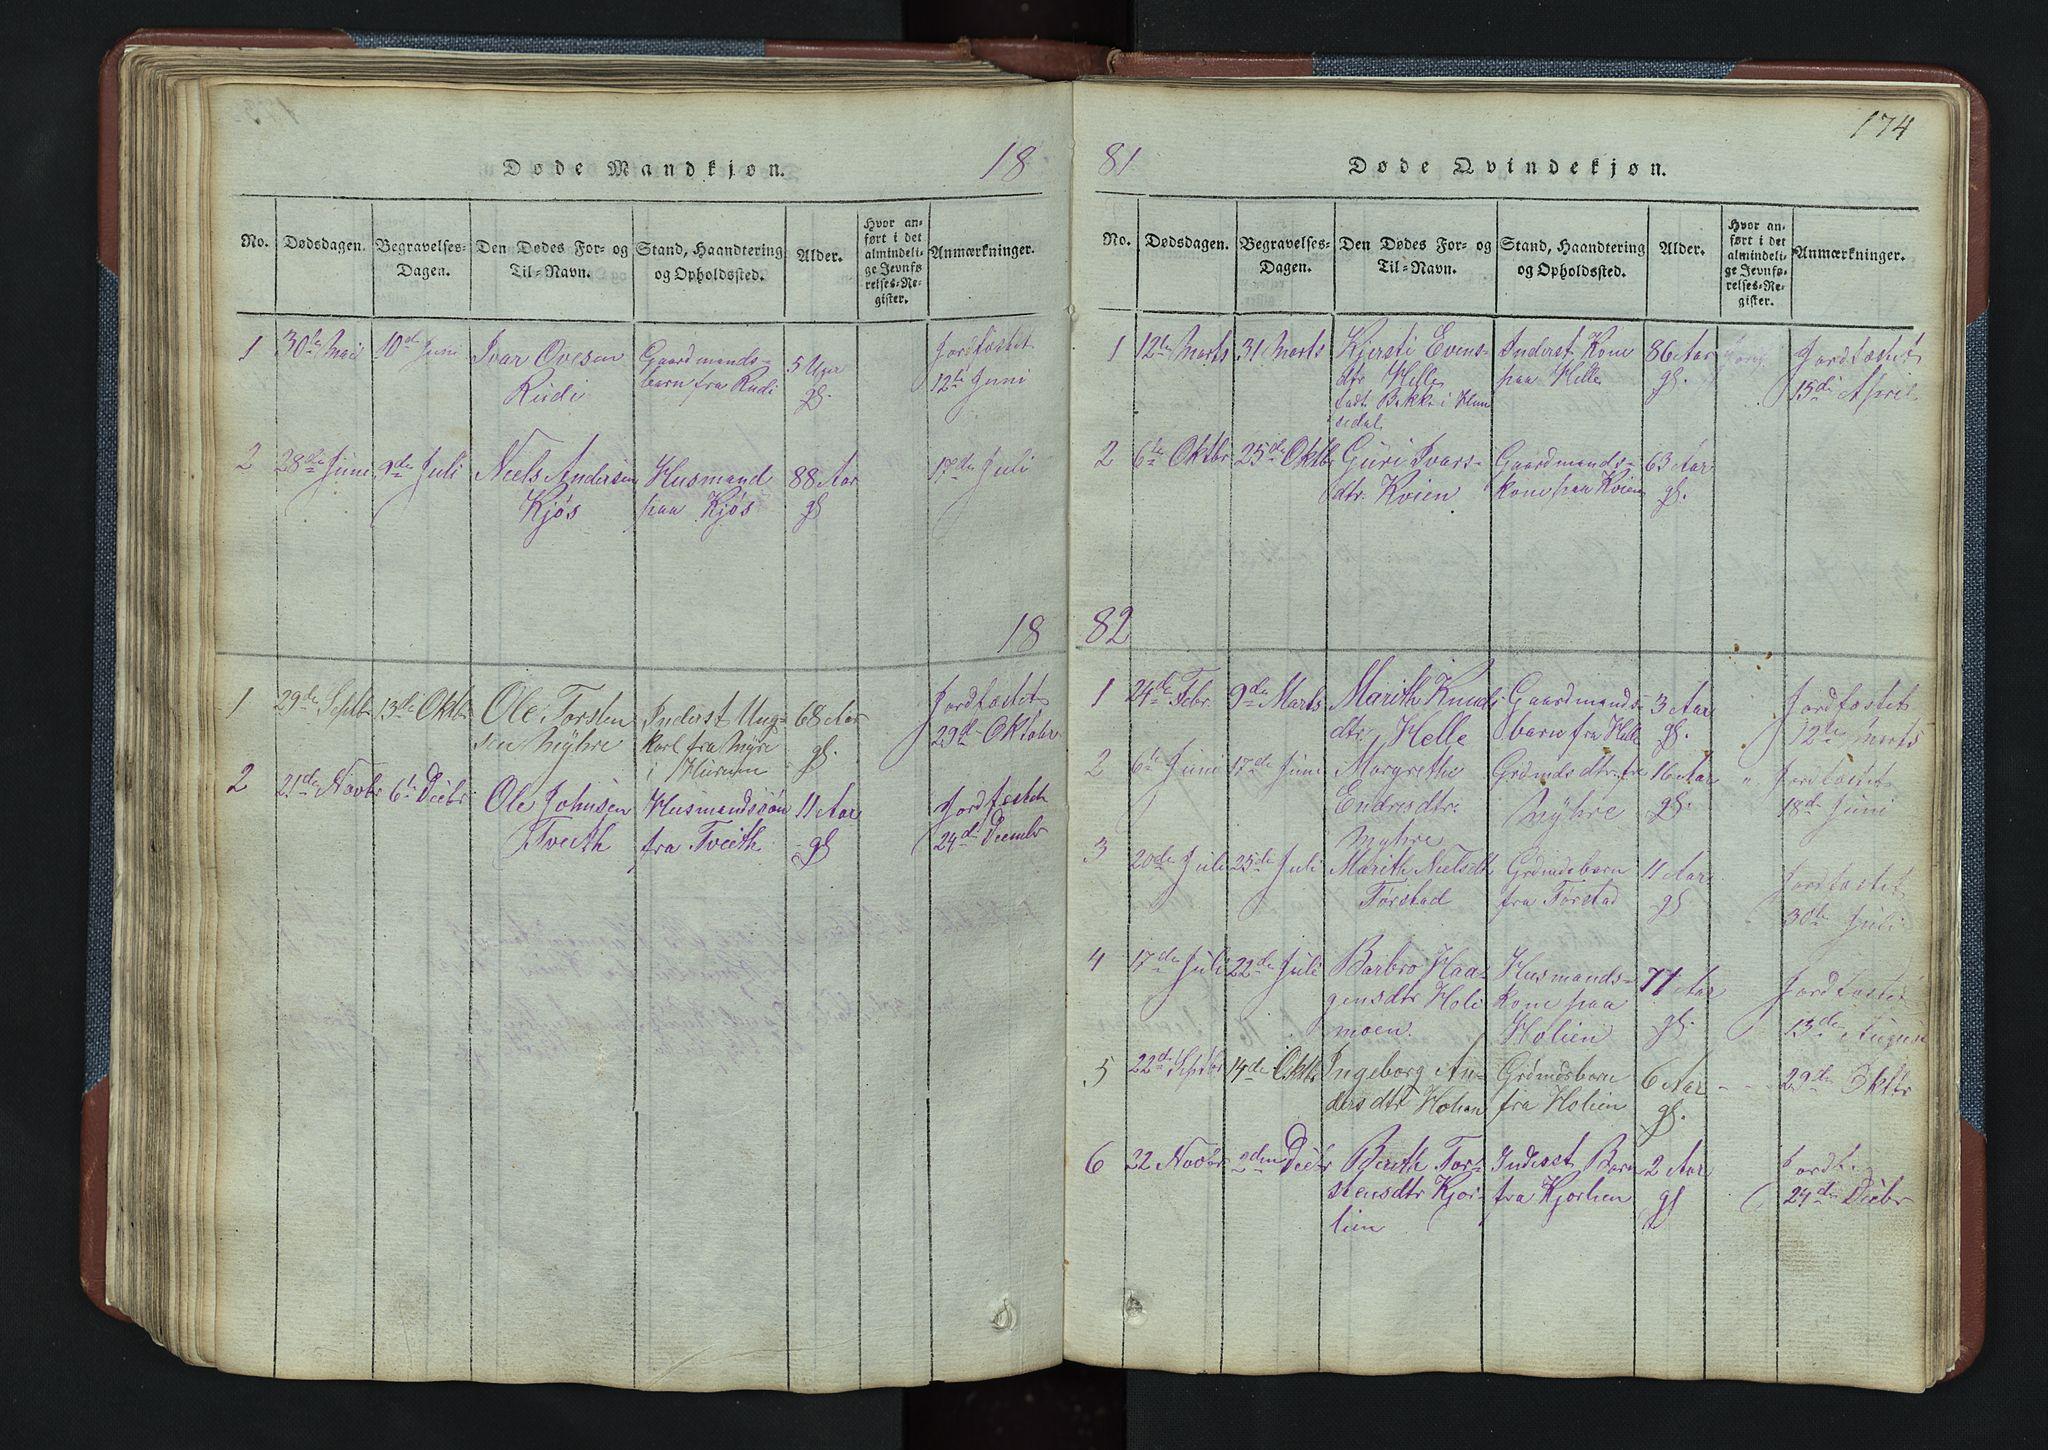 SAH, Vang prestekontor, Valdres, Klokkerbok nr. 3, 1814-1892, s. 174